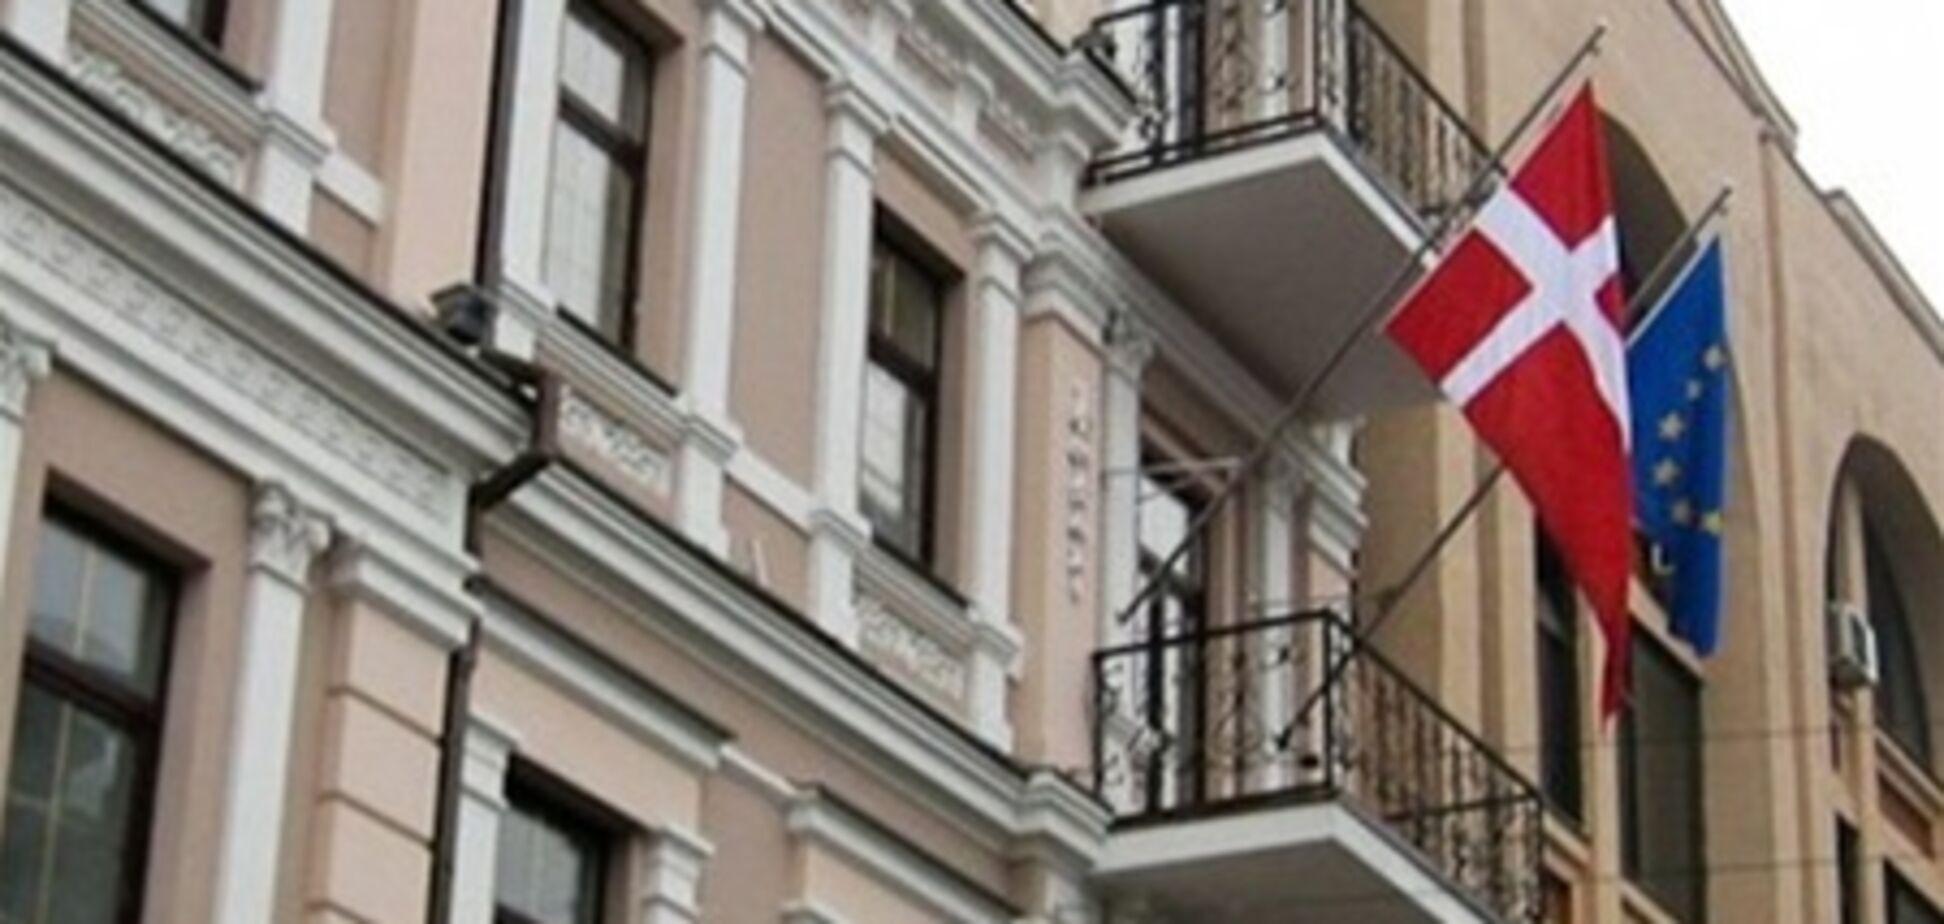 Посольство Дании опасается за своих граждан в Киеве 18 мая